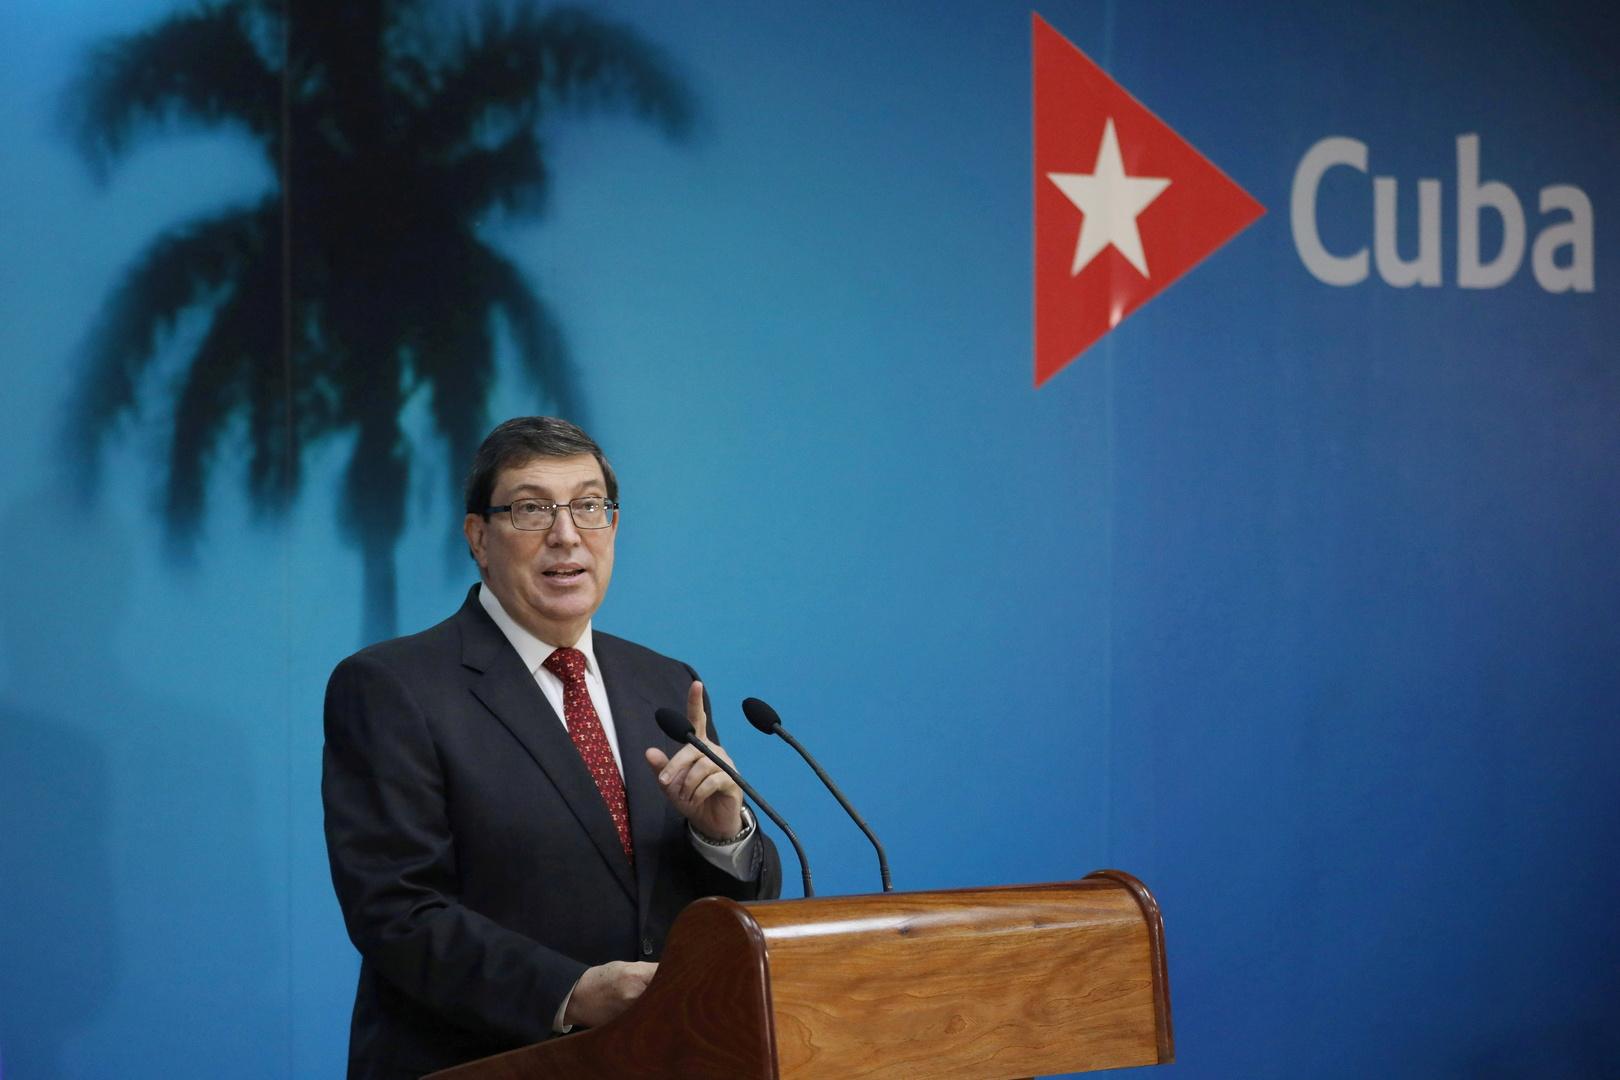 كوبا تندد بالضربات الأمريكية على أراضي سوريا والعراق